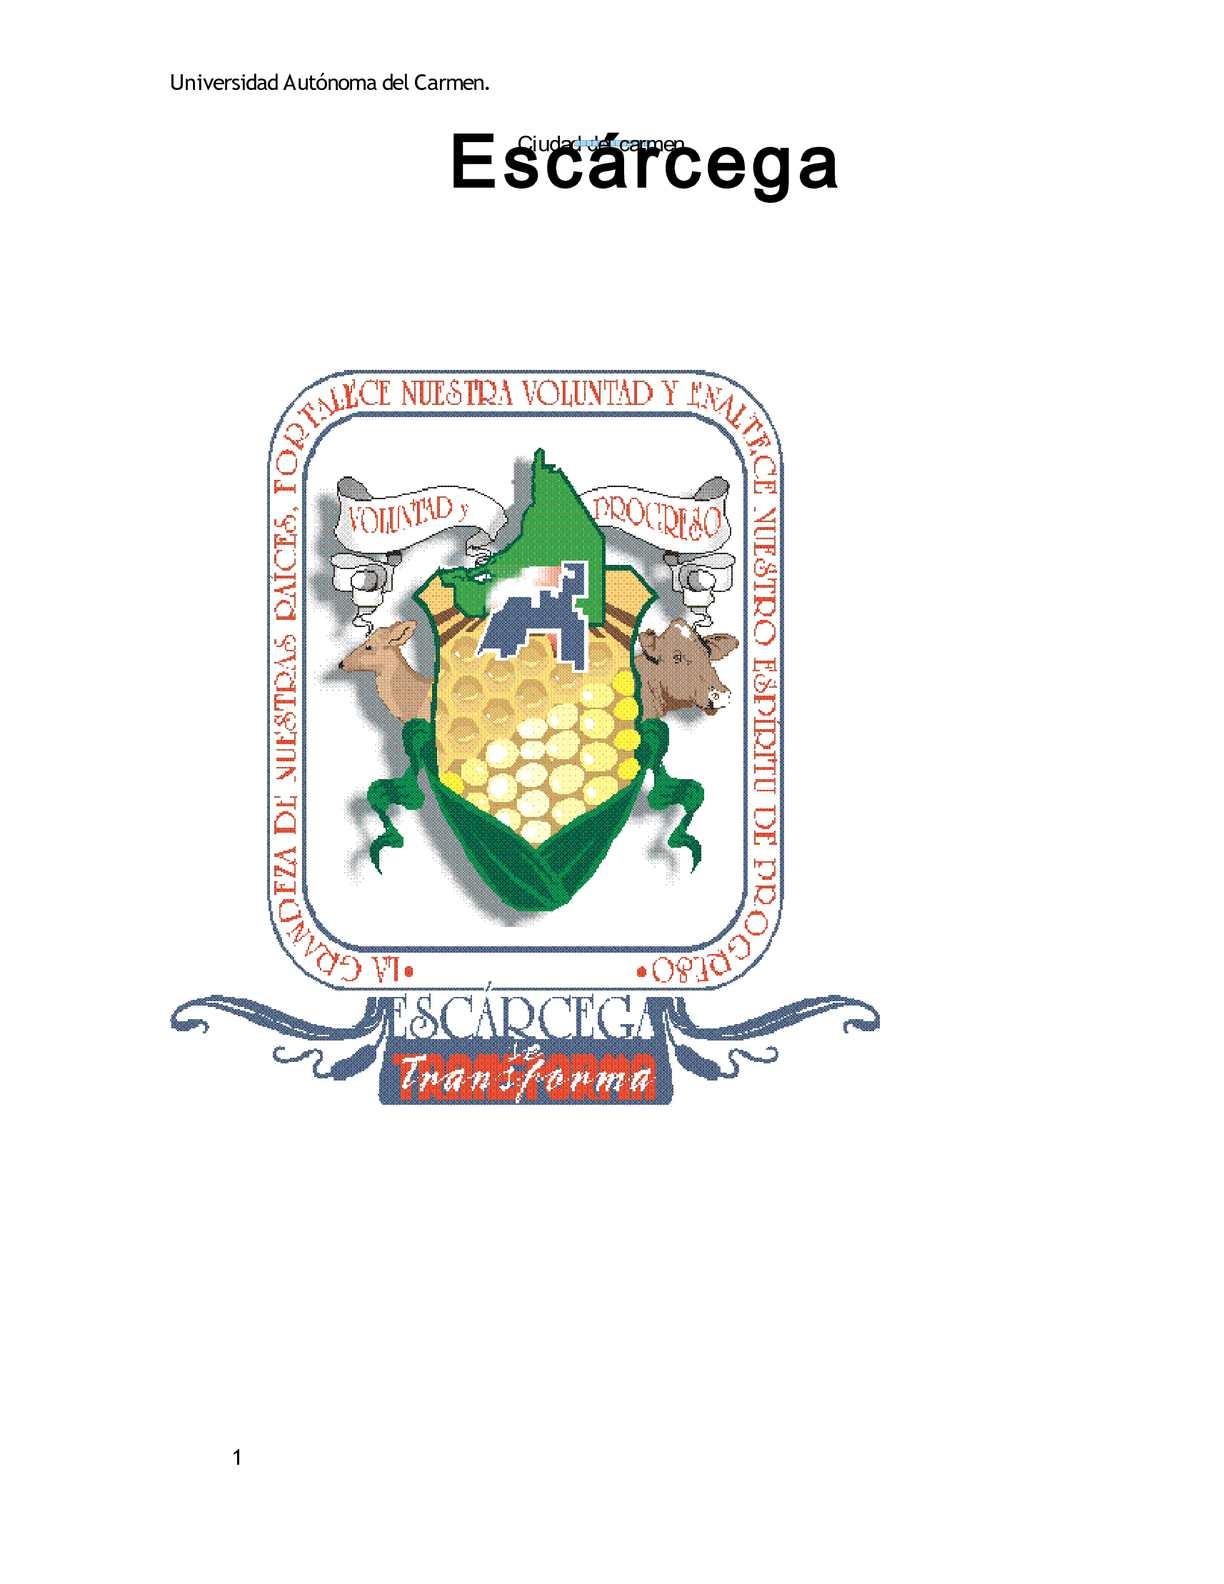 Información Turística de los municipios de Campeche. (Ciudad del Carmen y Escarcega)